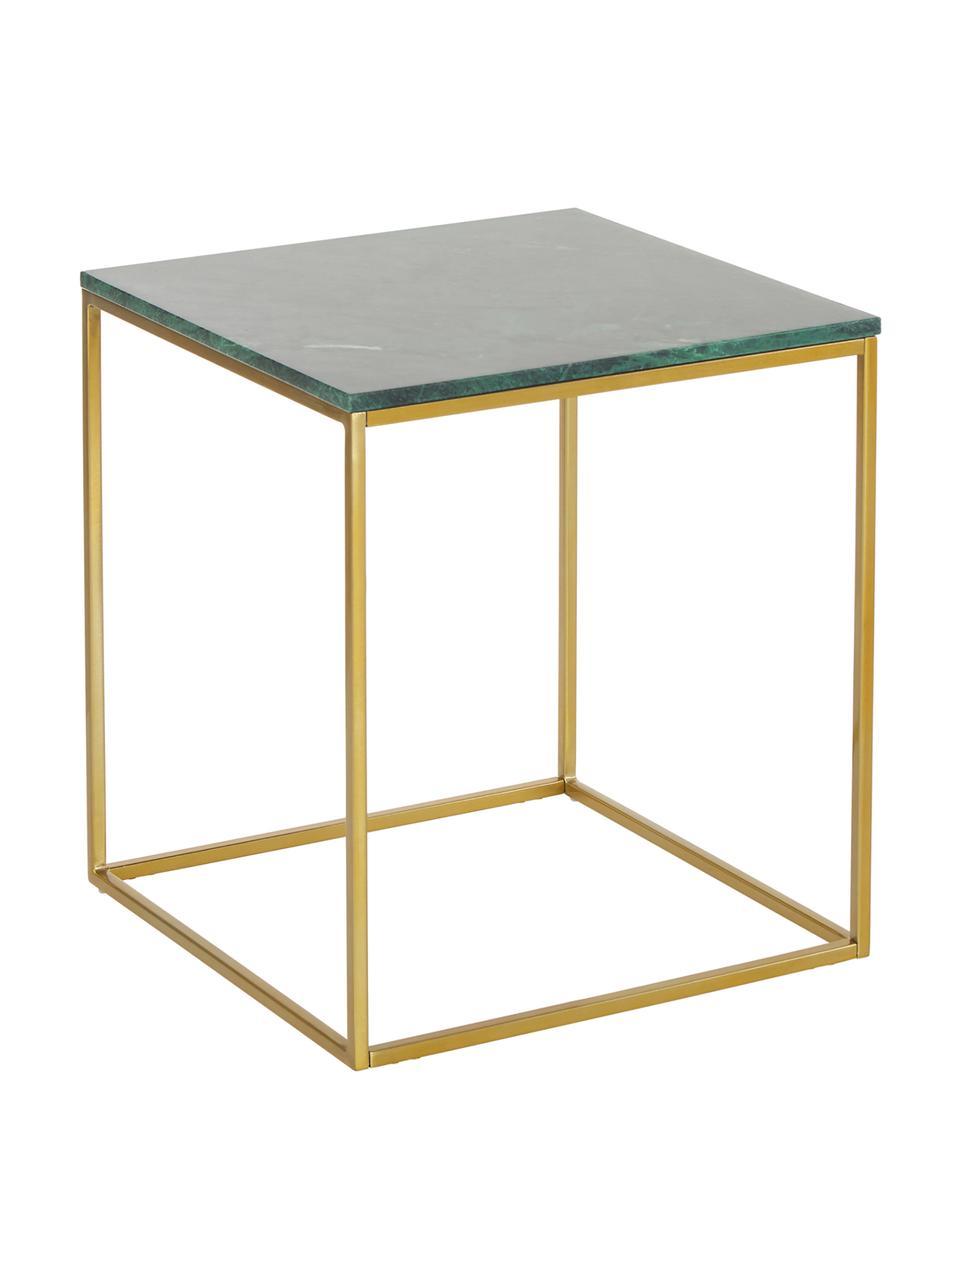 Tavolino con piano in marmo Alys, Struttura: metallo verniciato a polv, Piano: marmo verde Struttura: dorato lucido, Larg. 45 x Alt. 50 cm